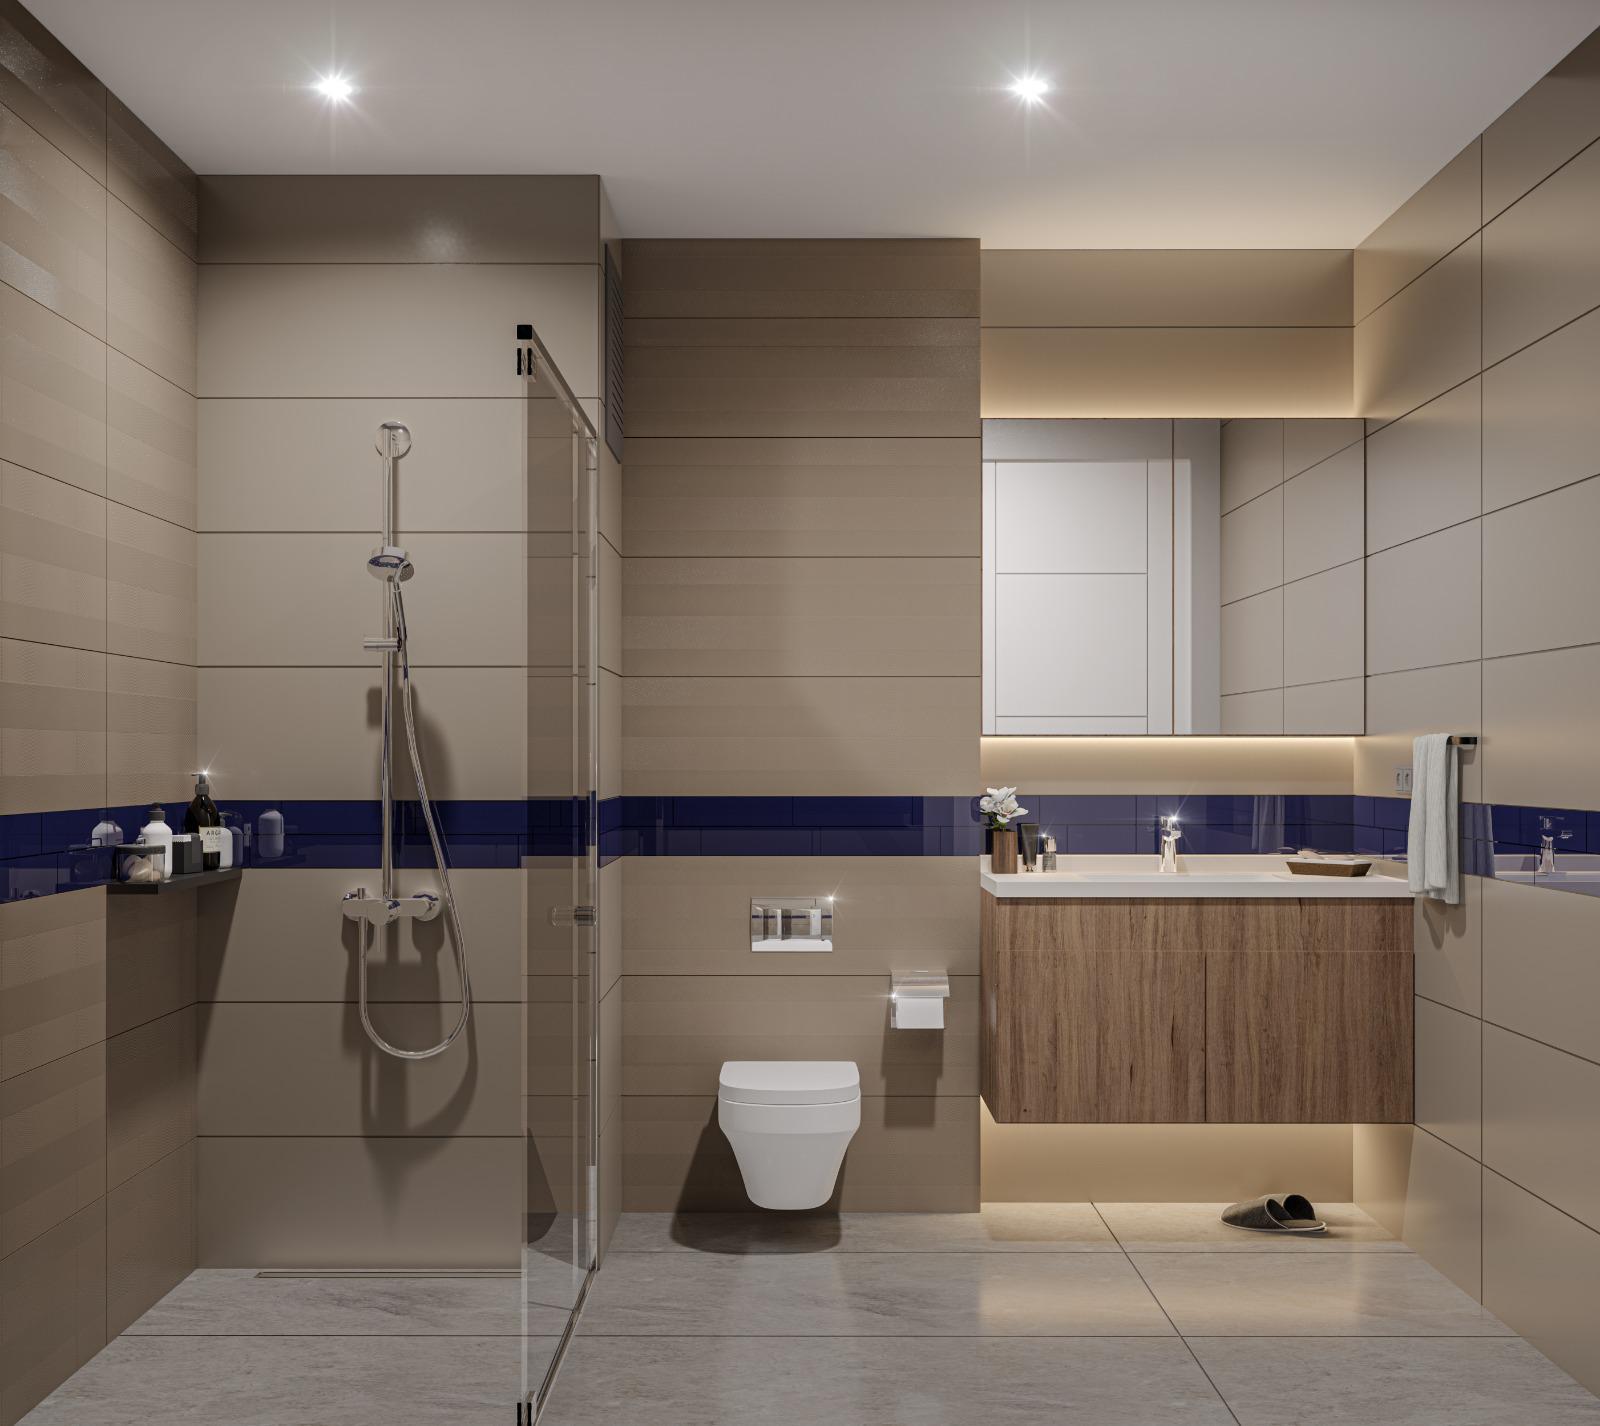 Инвестиционный проект жилого комплекса в Анталье - Фото 8